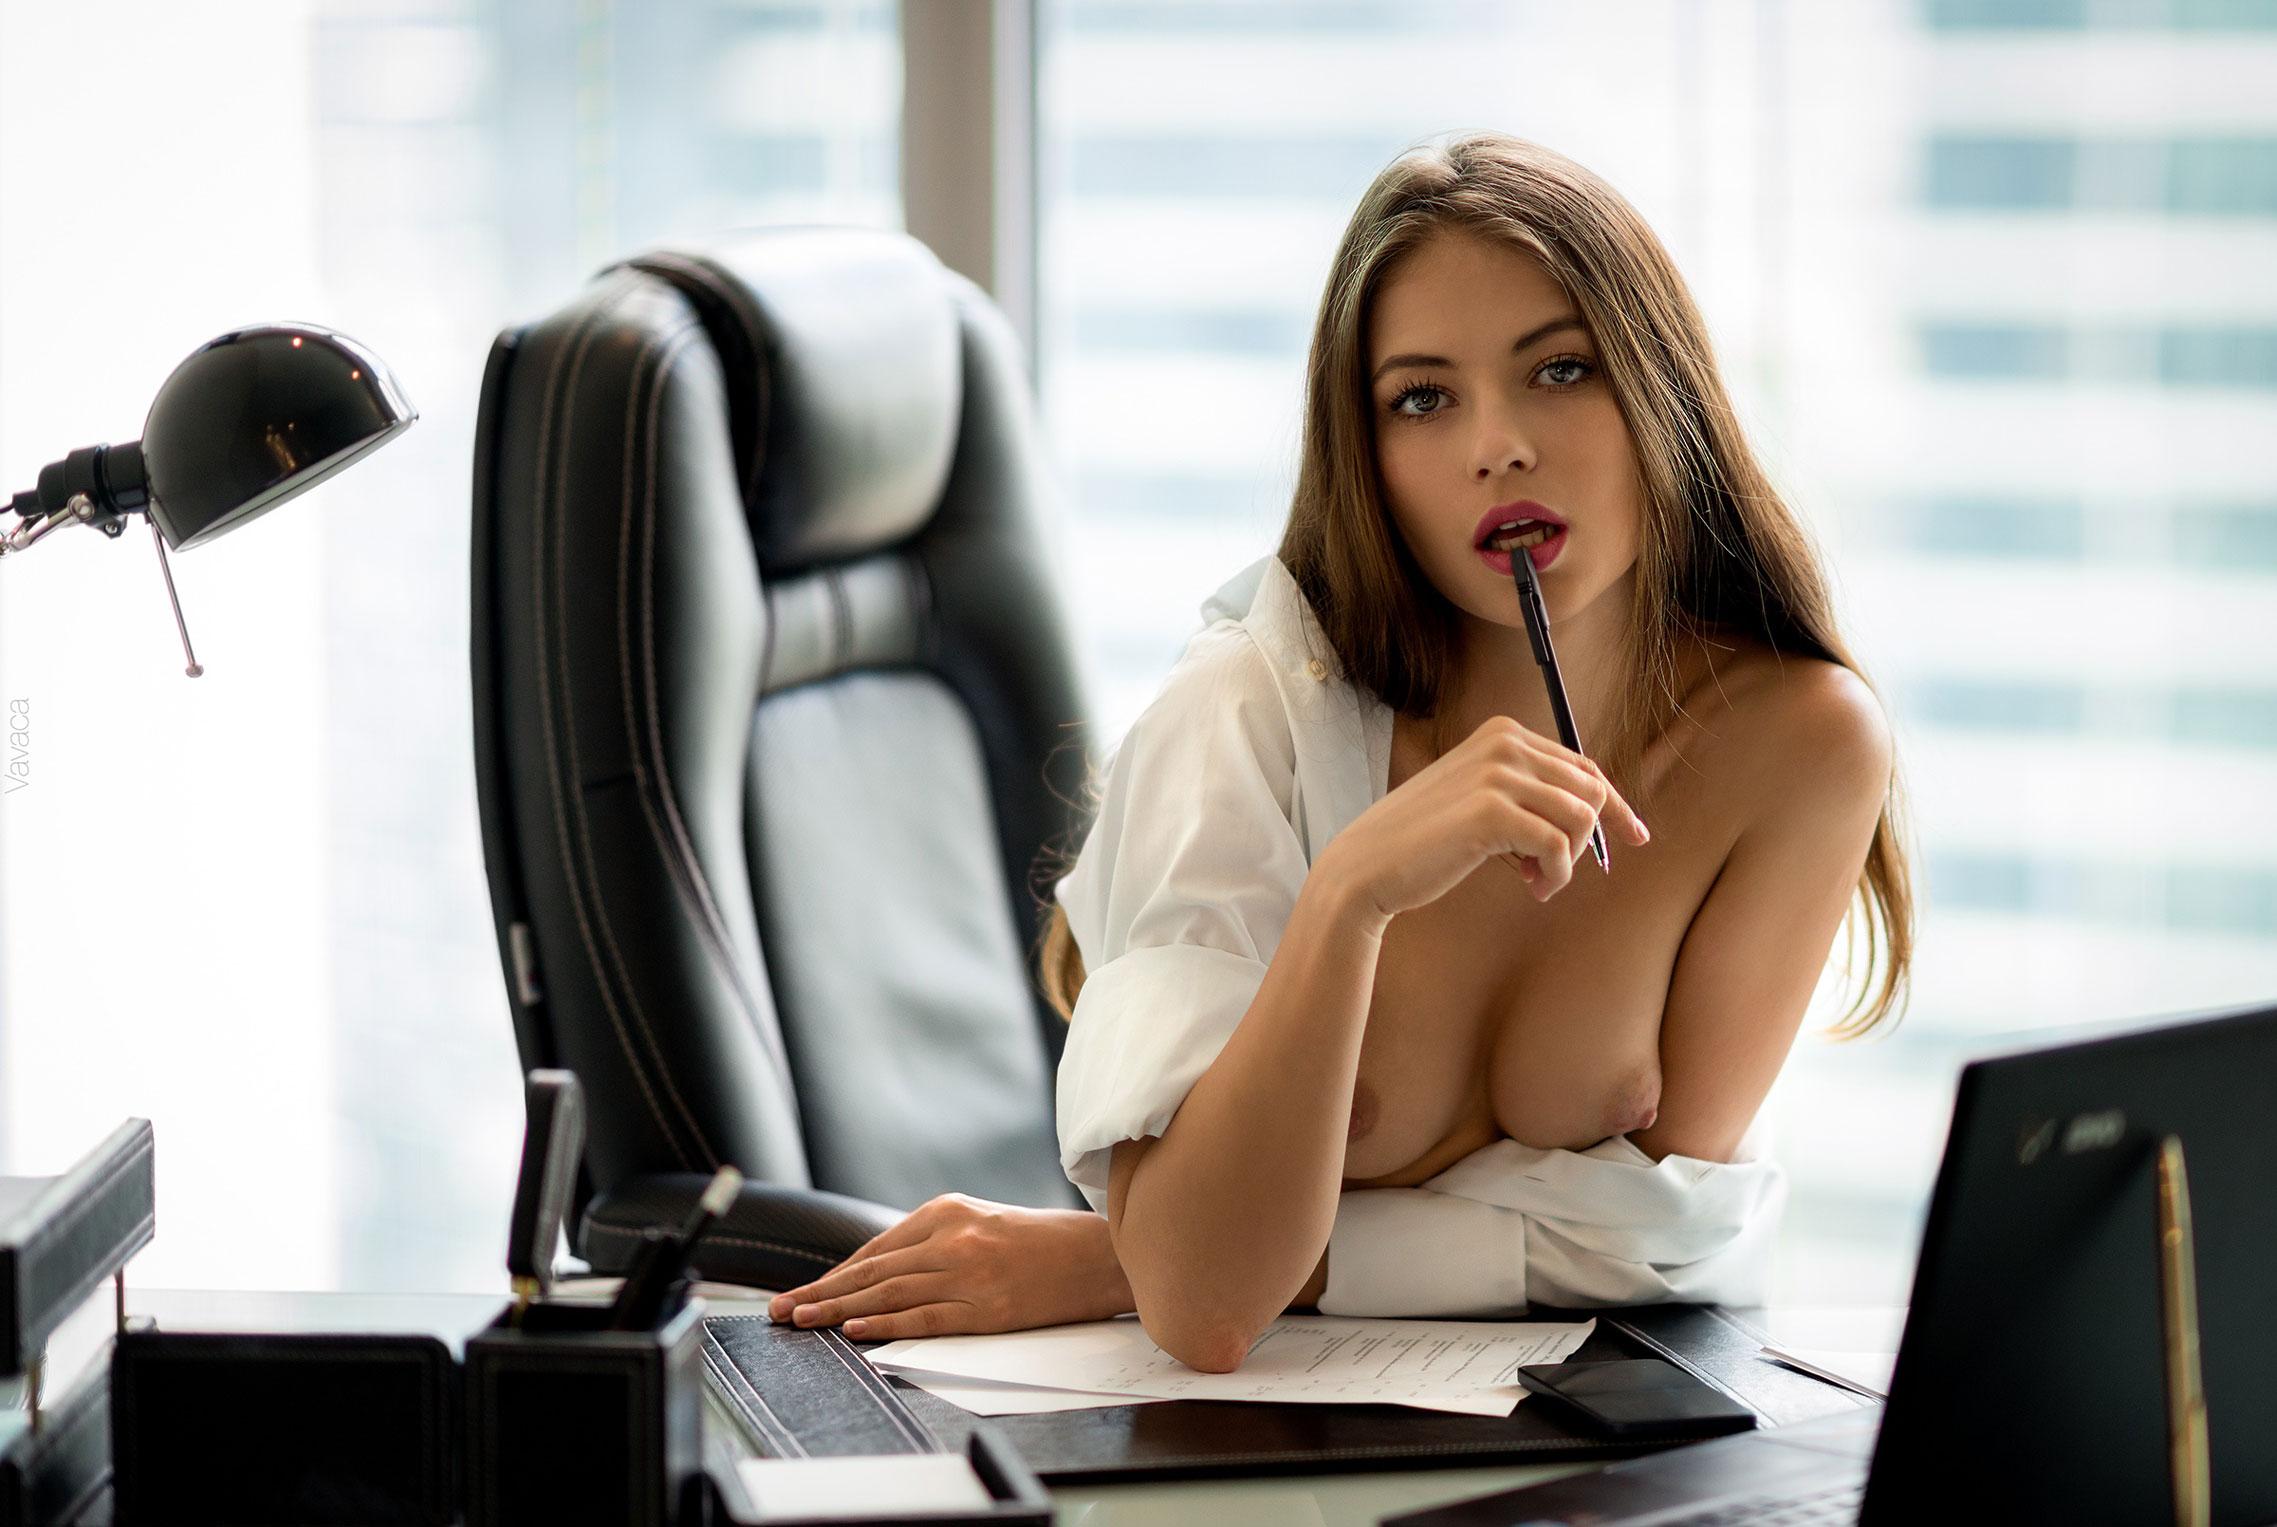 сексуальная Виктория Алико в роли секретарши мечты / фото 01